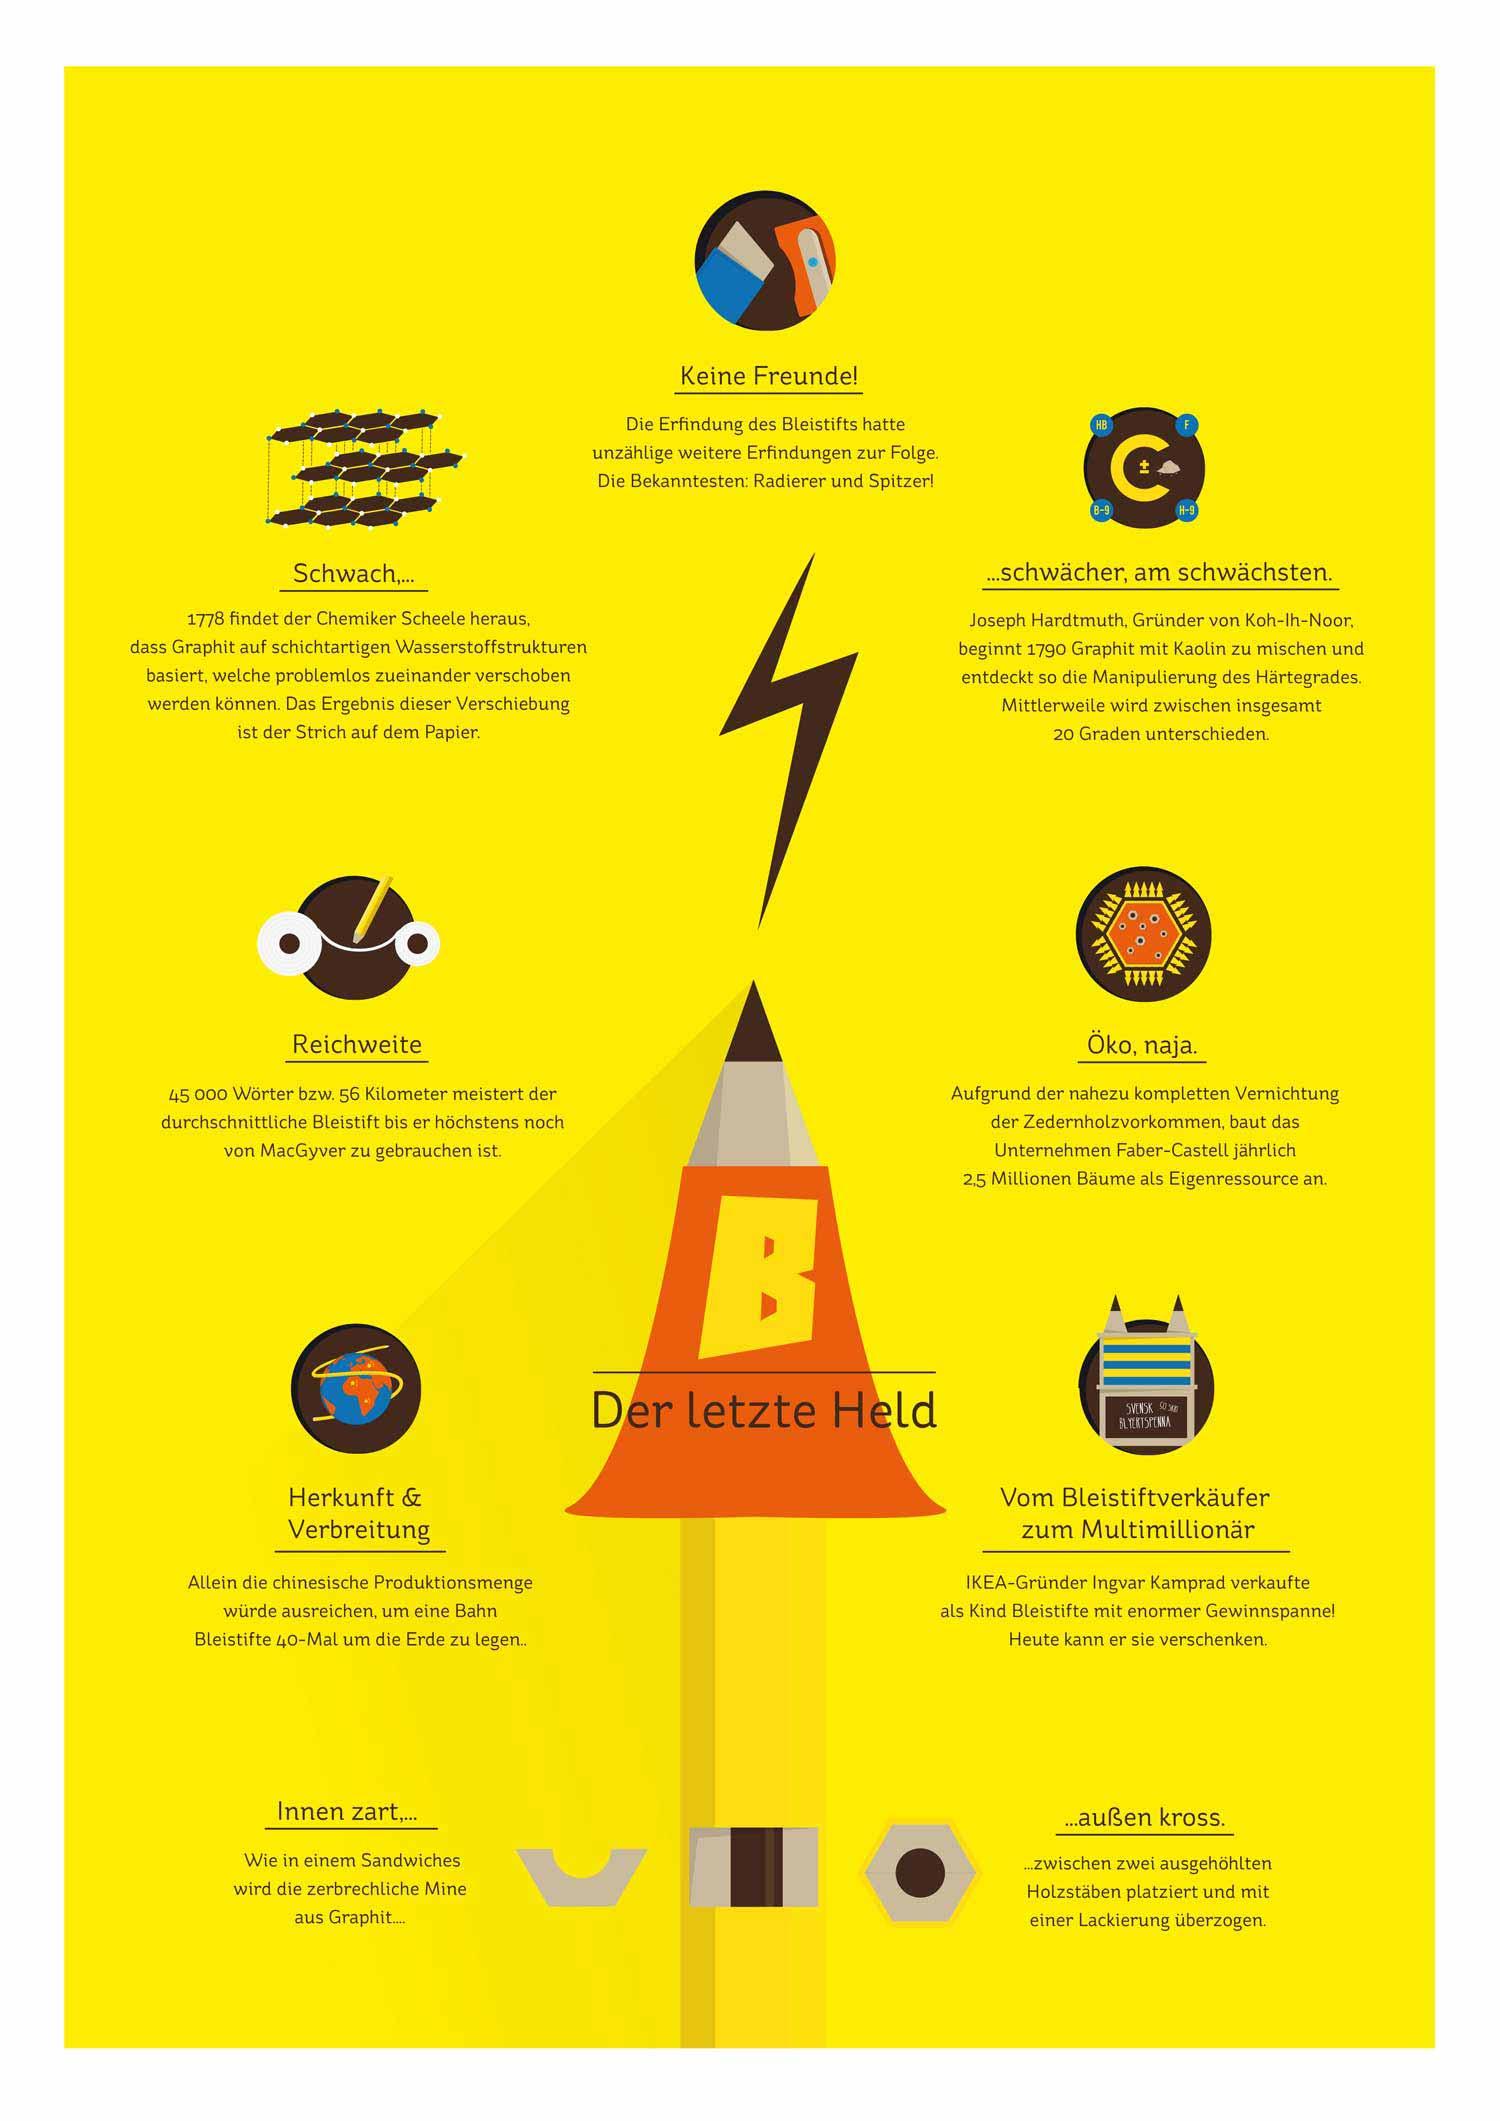 Infografik - Elisabeth Deim - Fakten und Wissen zum Bleistift